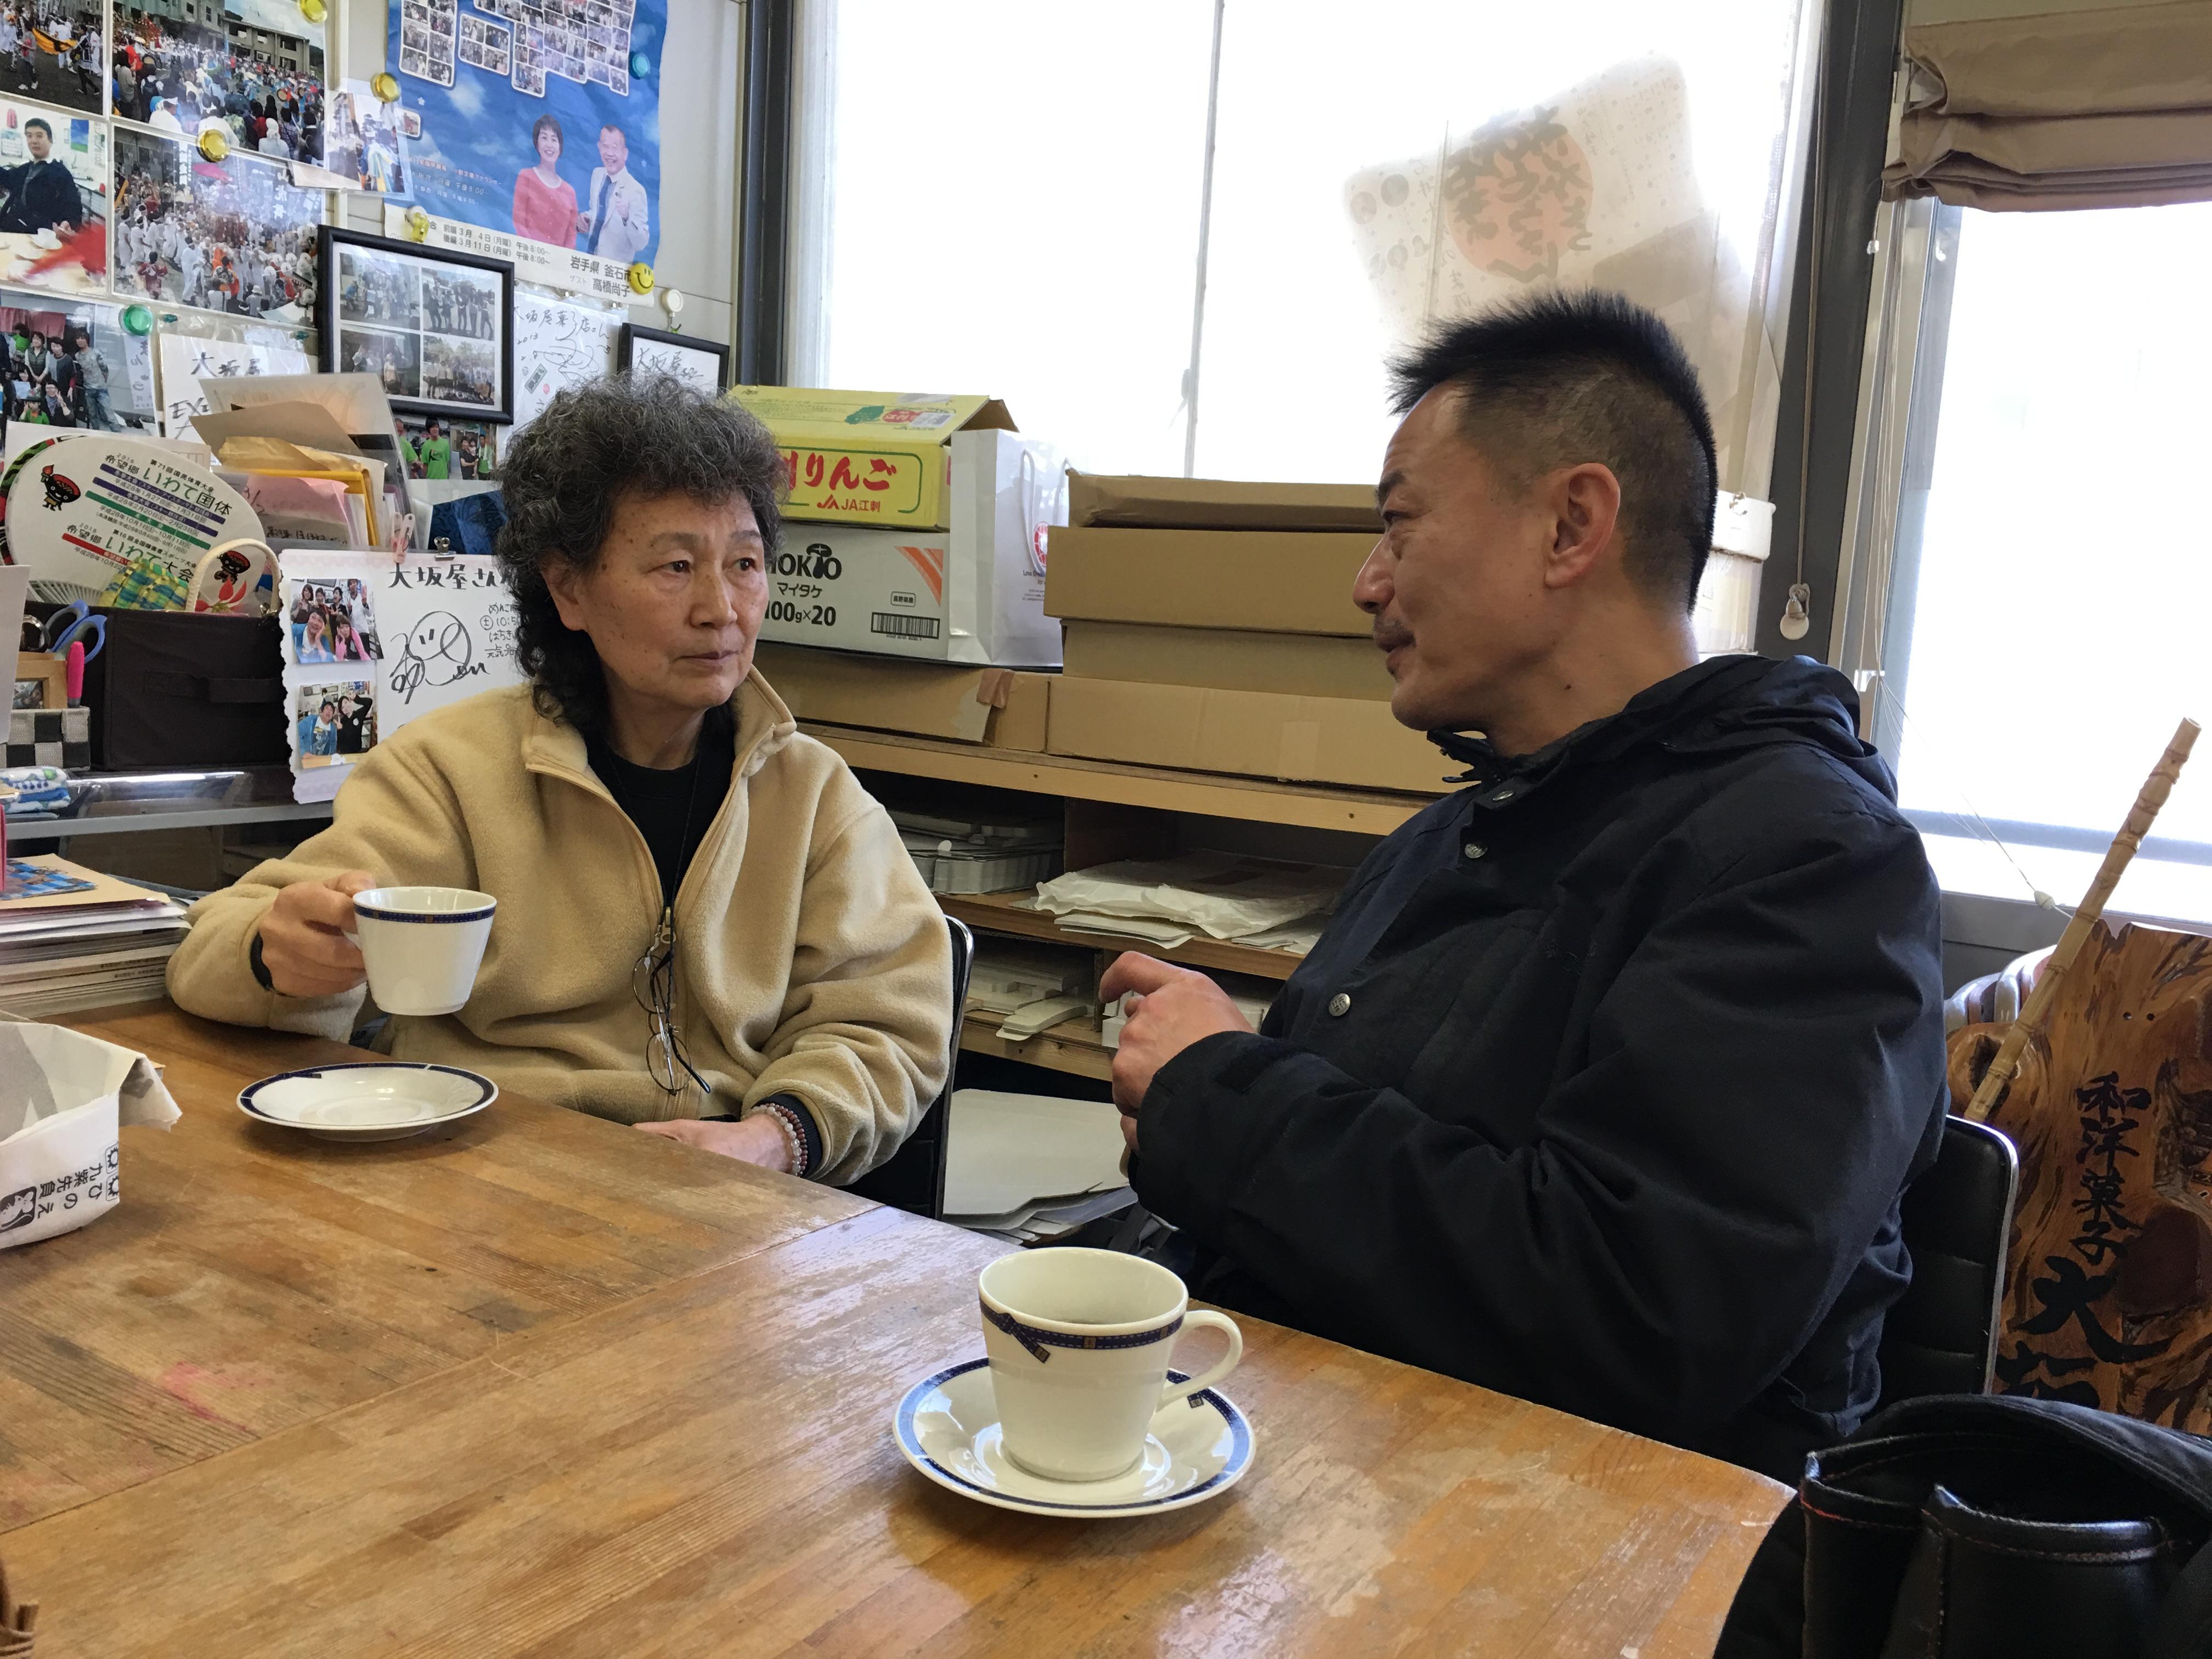 otsuchi itto masao temp coffee shop 2016.JPG